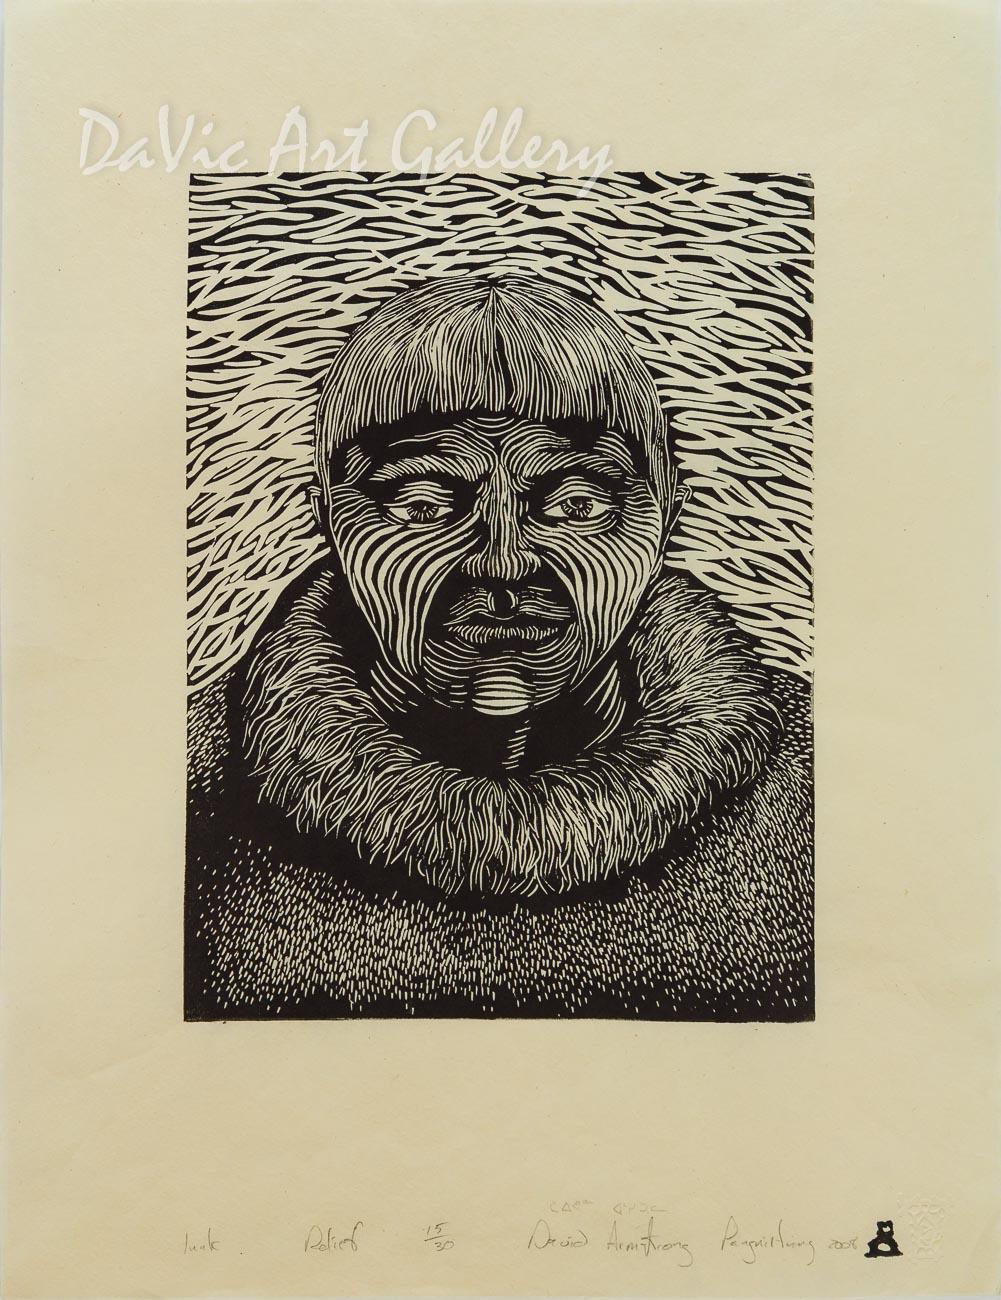 'Inuk' by Davidee Akpalialuk - Inuit - Pangnirtung 2008